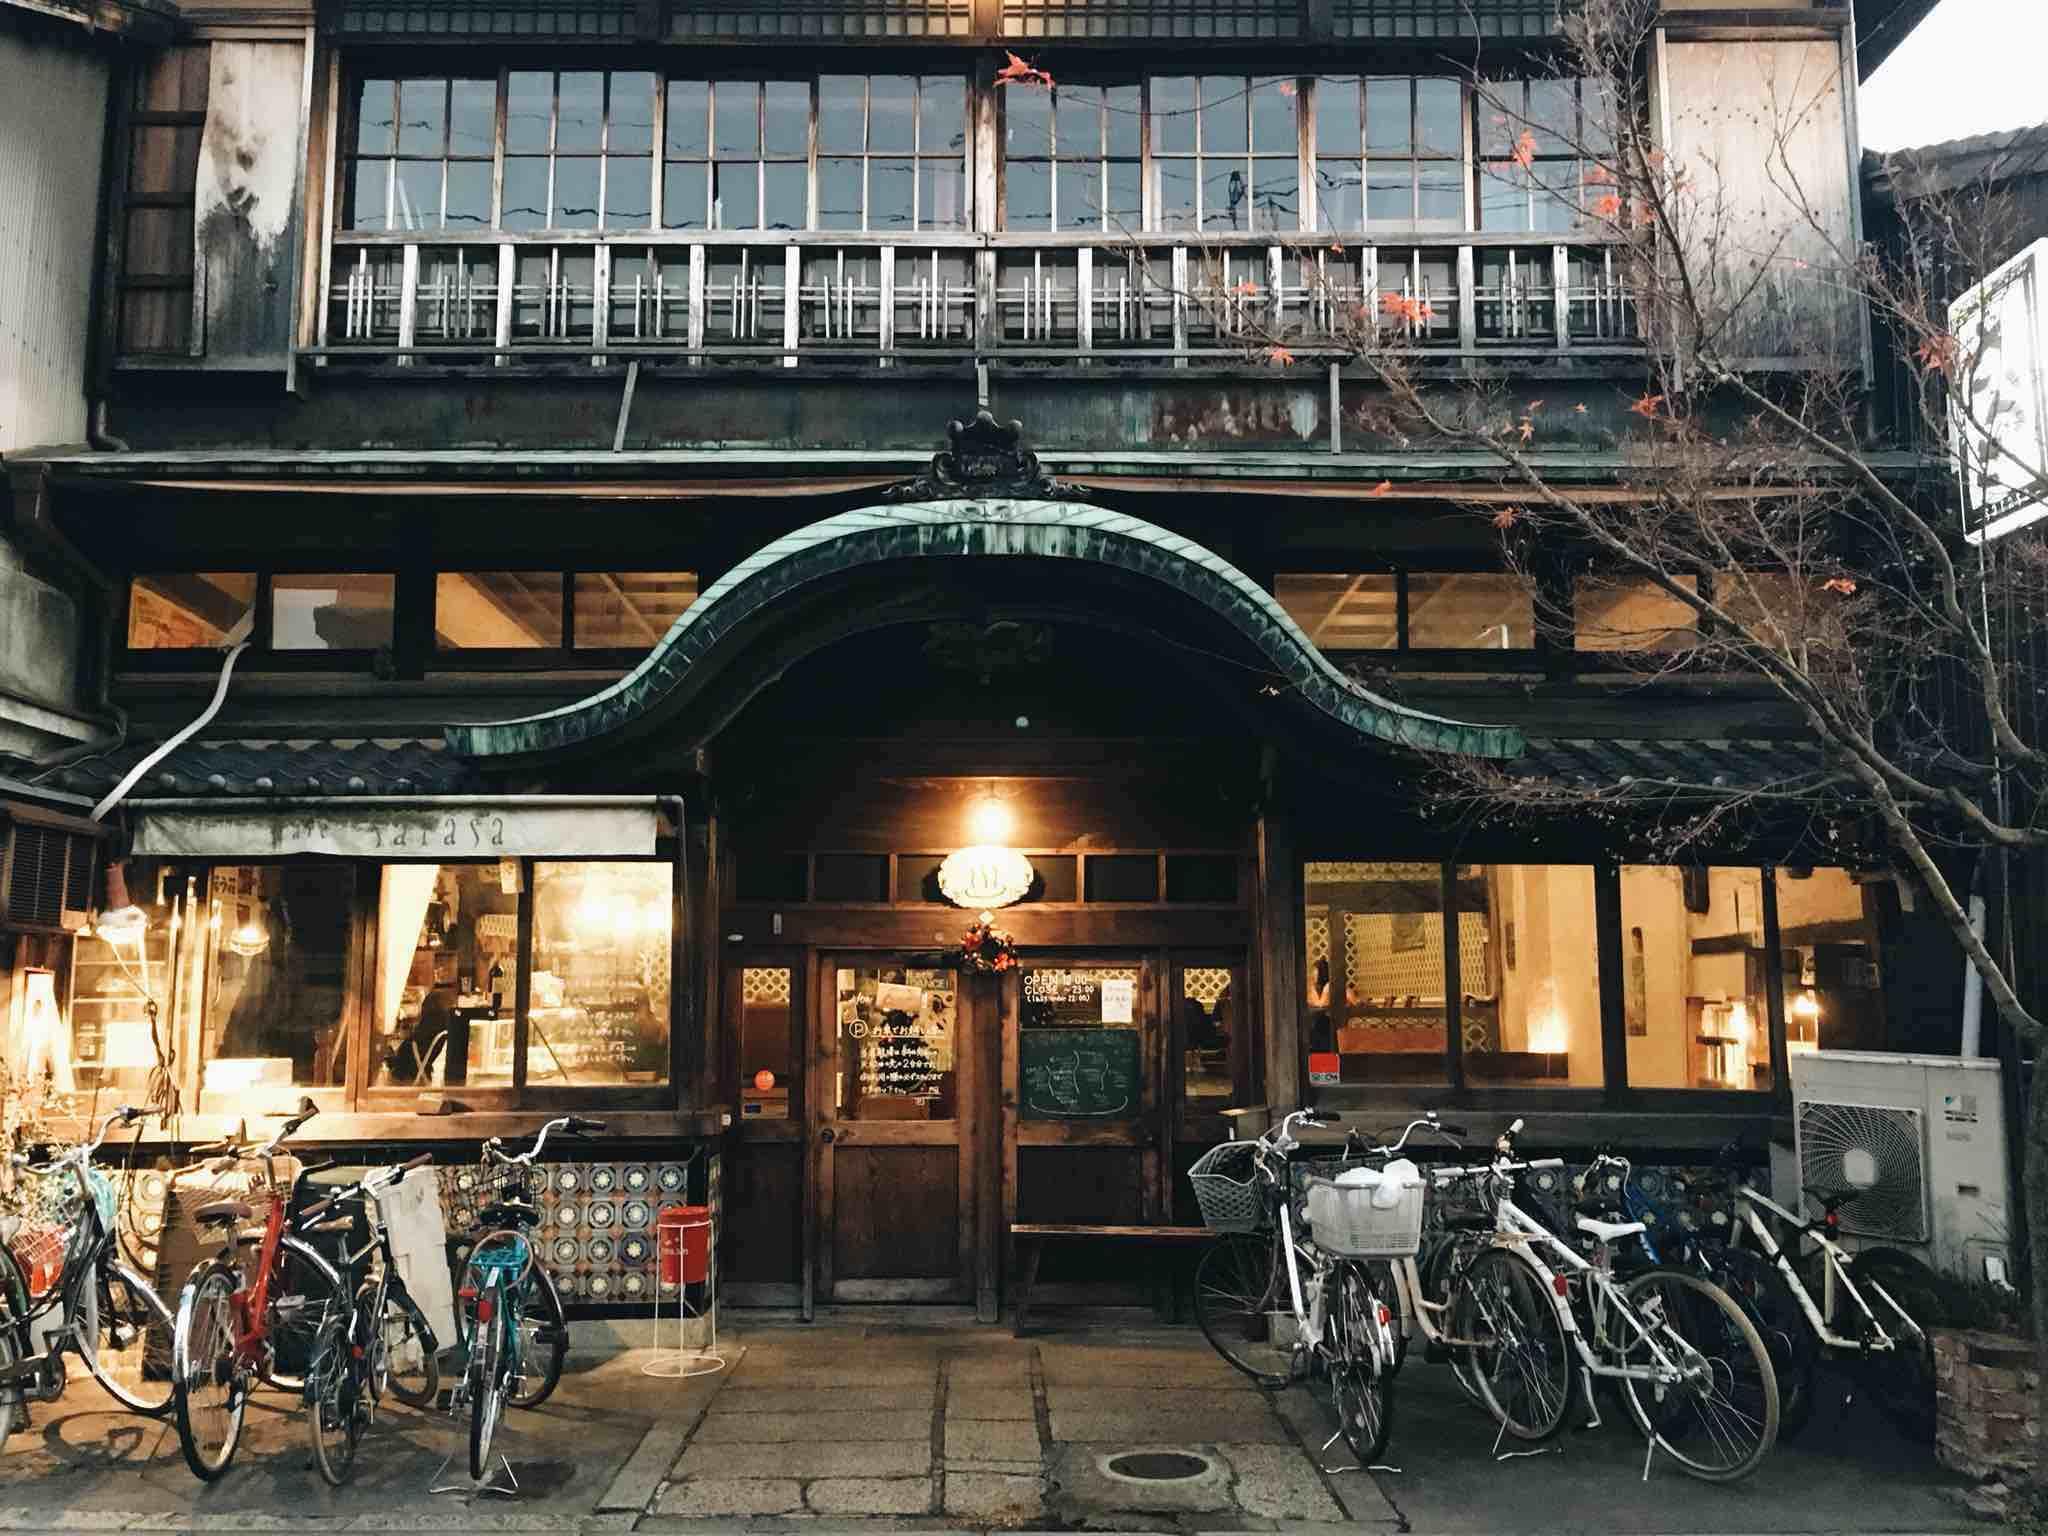 なにやら立派な門構えですが、古民家カフェ? と思う方もいらっしゃるはず……しかしこちら、ただの古民家カフェじゃありません。